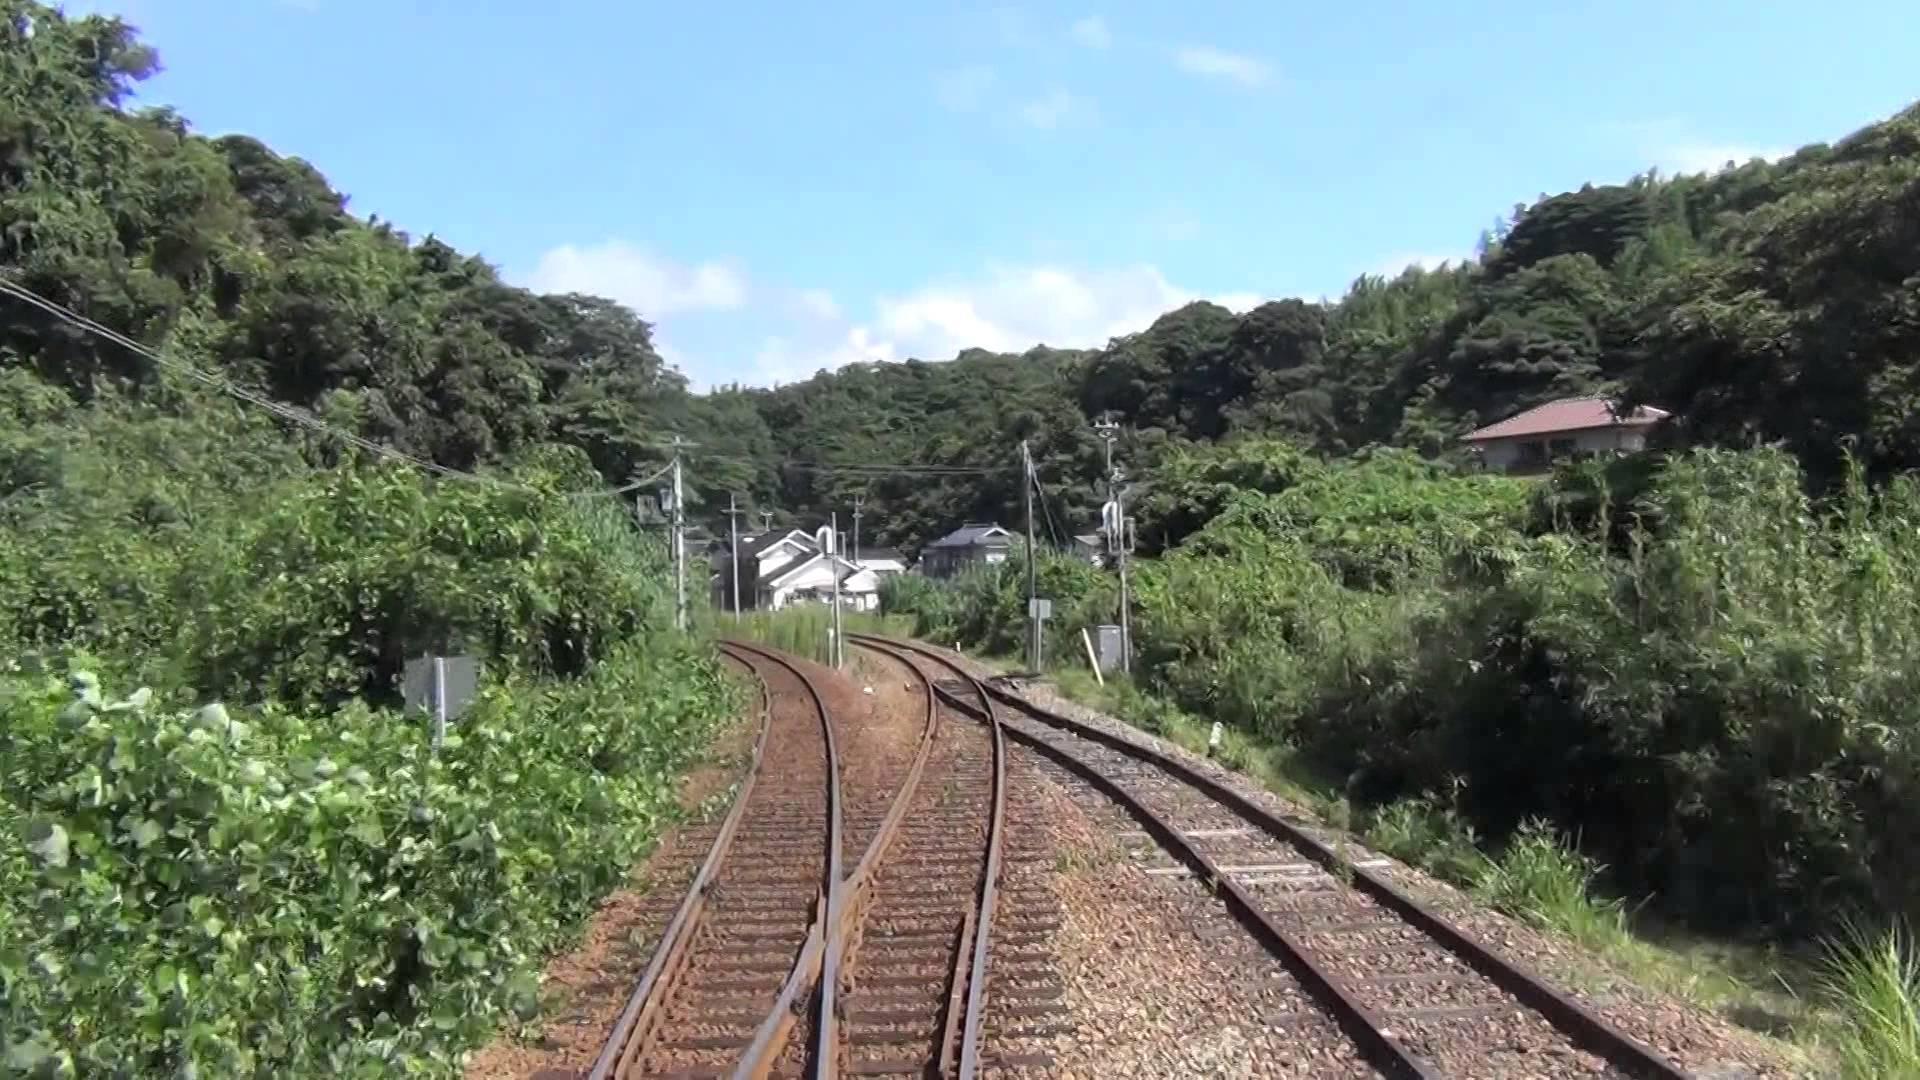 フルHD JR西日本 山陰本線 益田→浜田 前面展望